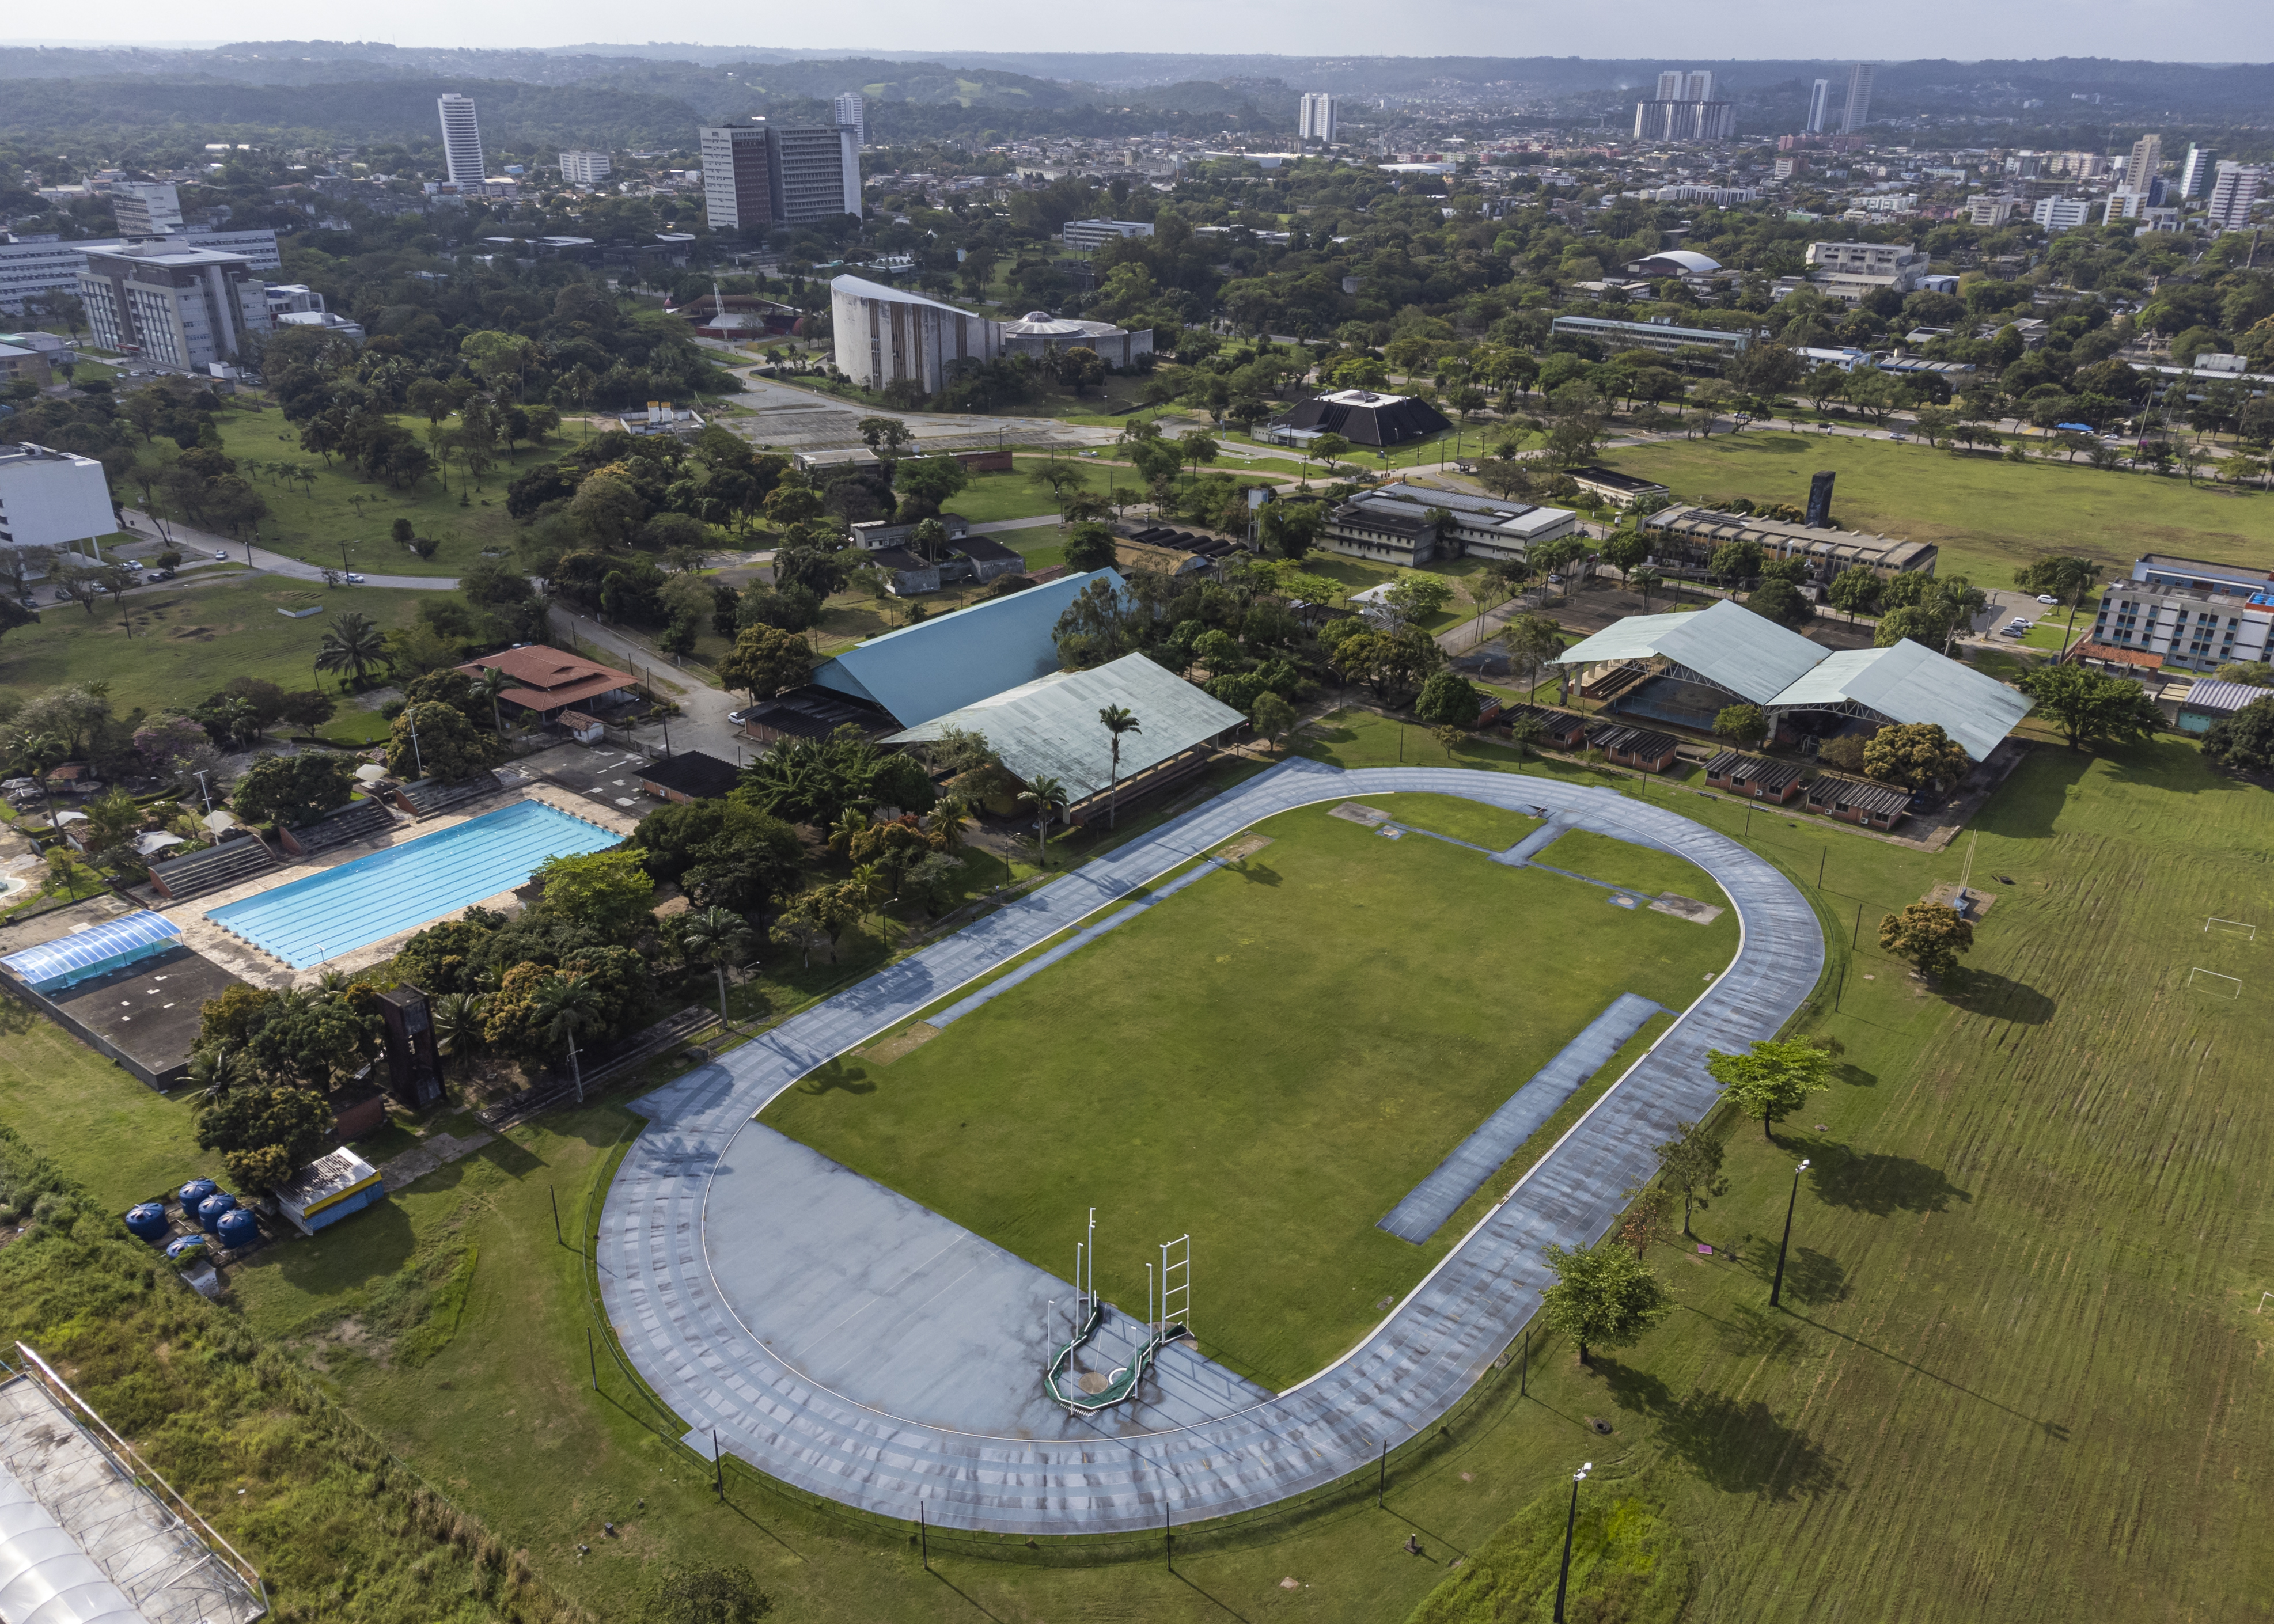 Piscina do Núcleo de Educação Física e Esportes